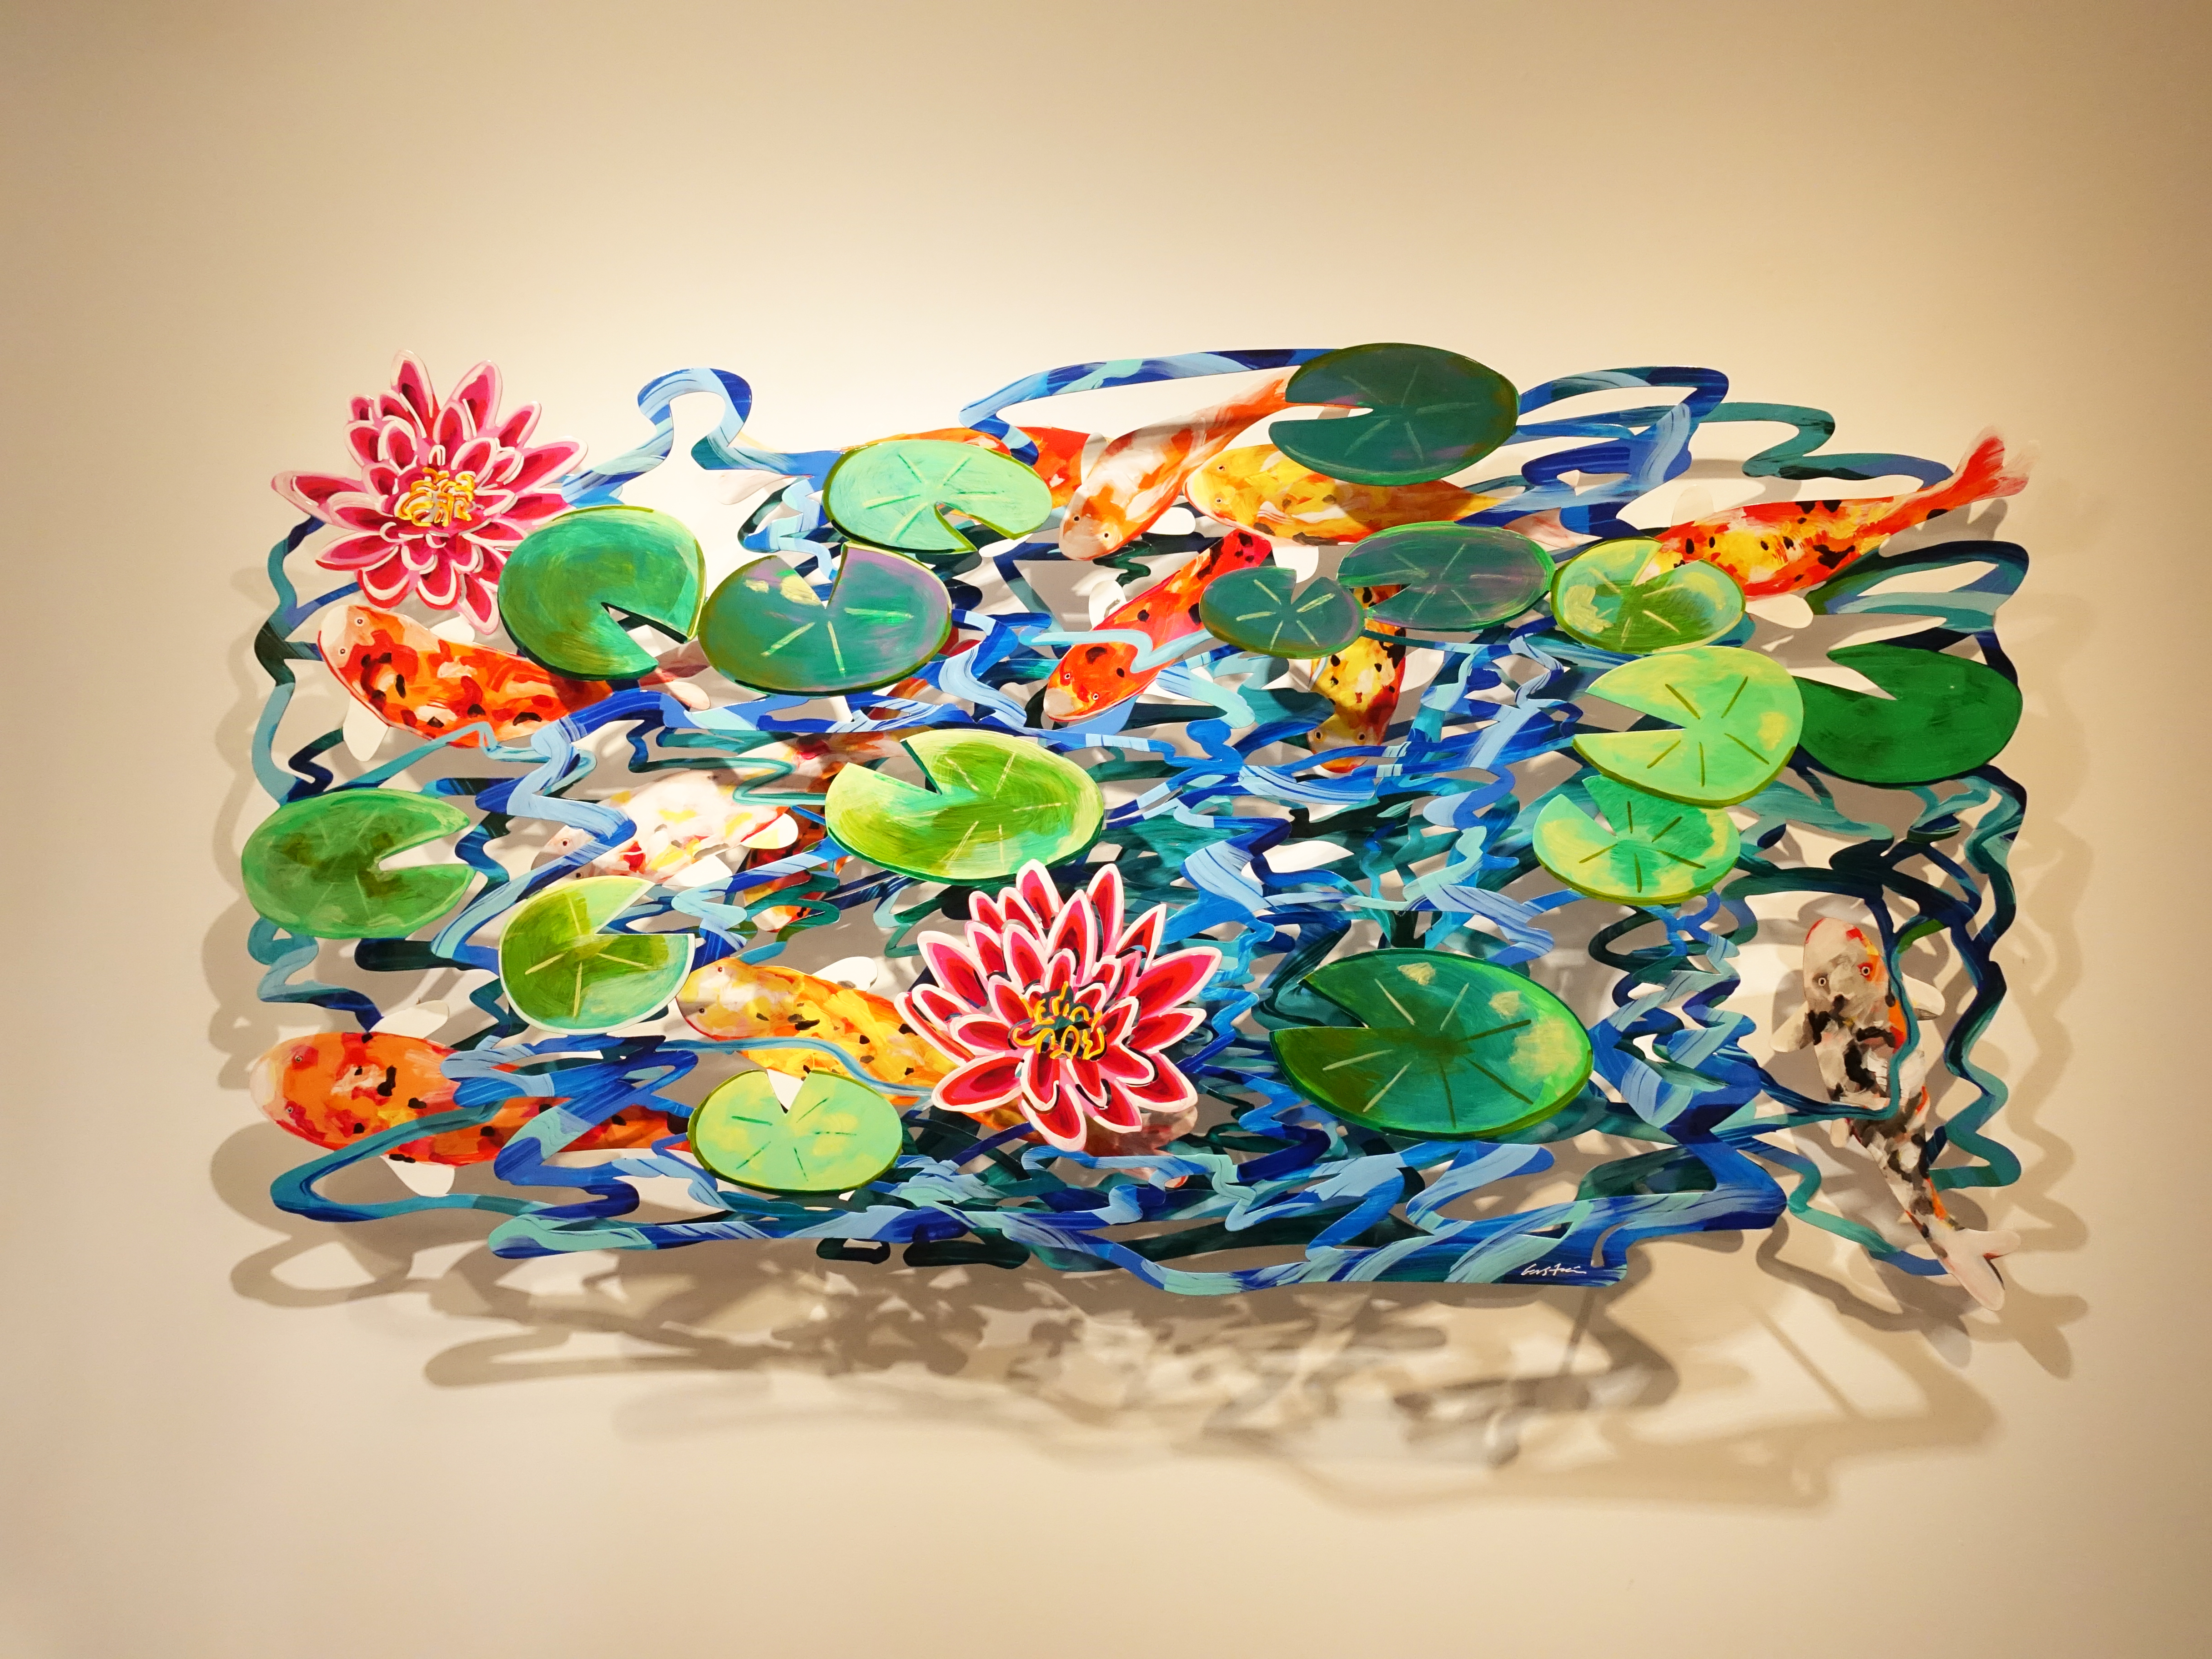 David Gerstein,《POND》,180 x 93 x 15 cm,Steel不鏽鋼3層,2008。